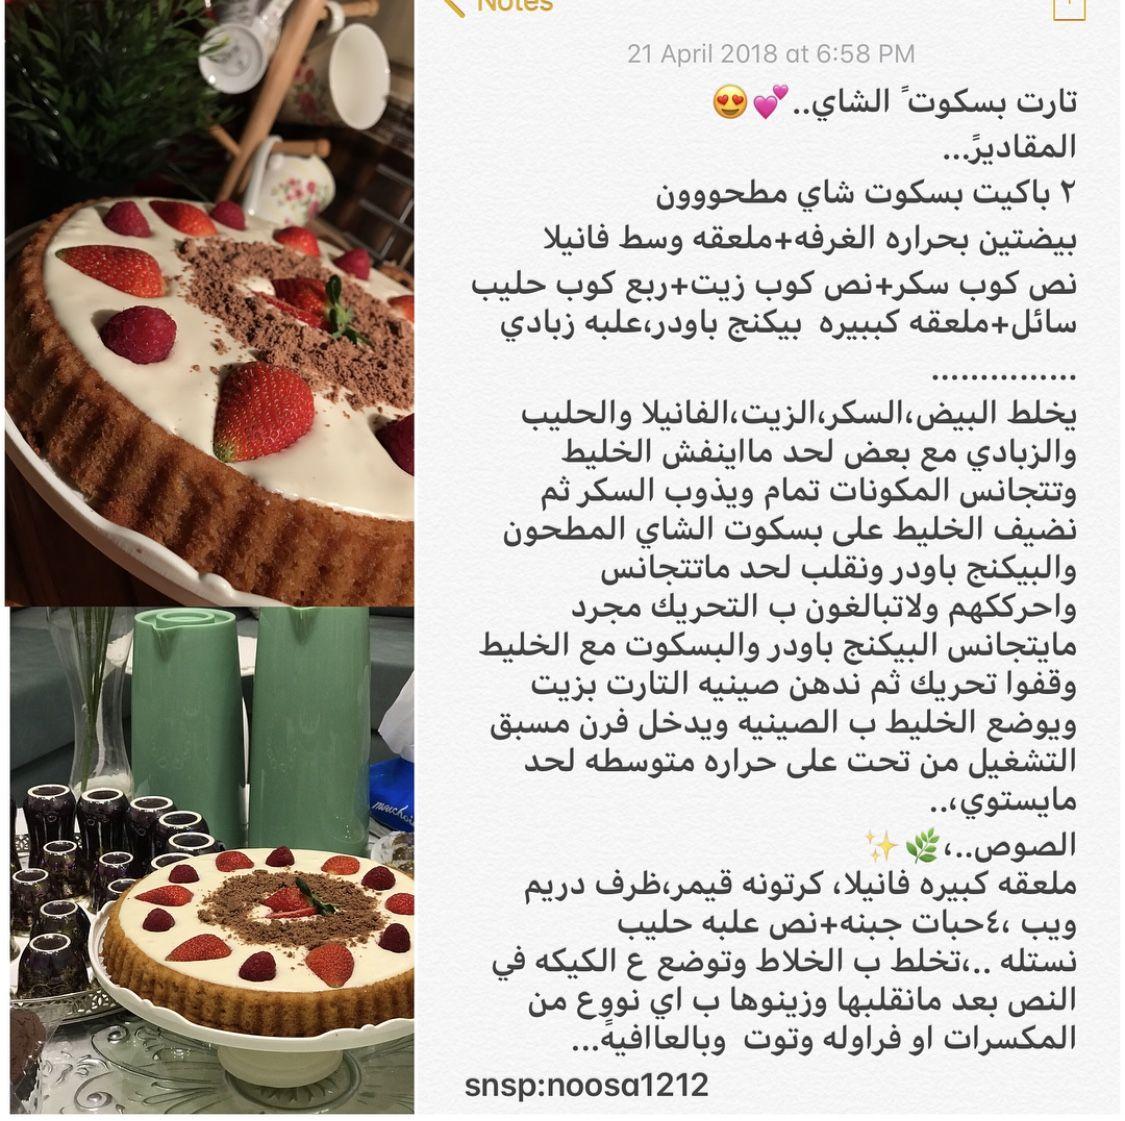 حلا حلويات حلا بارد حلى فطاير حشوات معجنات رمضان رز كبسه لحم دجاج ارز مقالي تارت Arabic Food Sweet Recipes Food